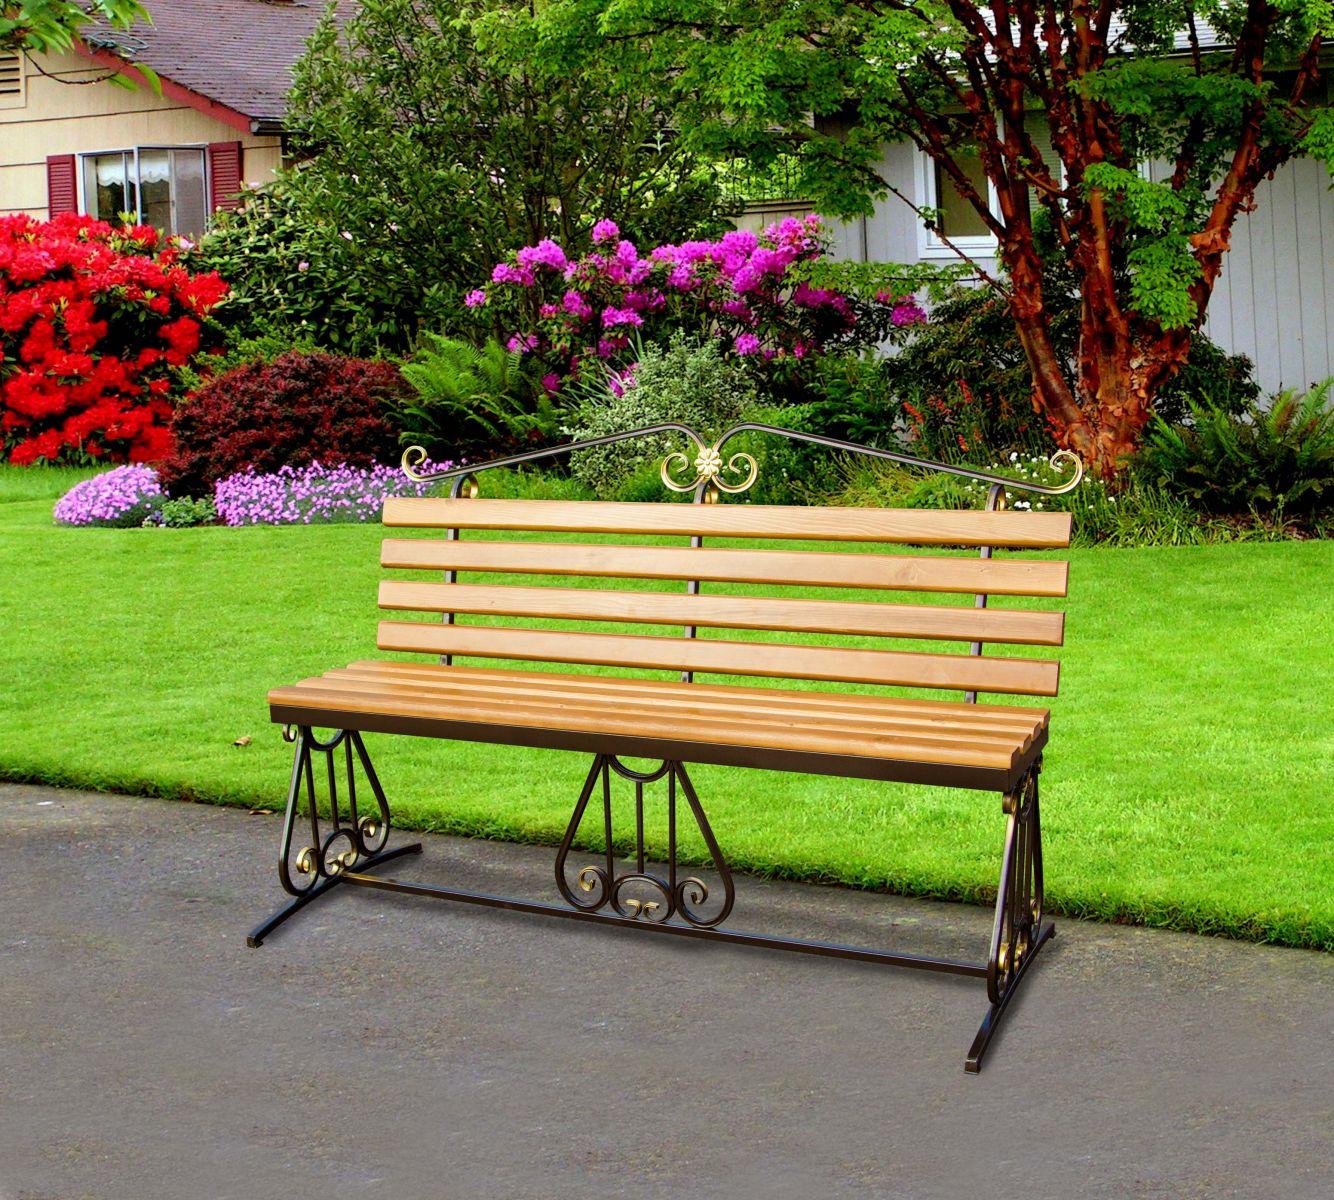 Кованая садовая мебель для сада и дачи